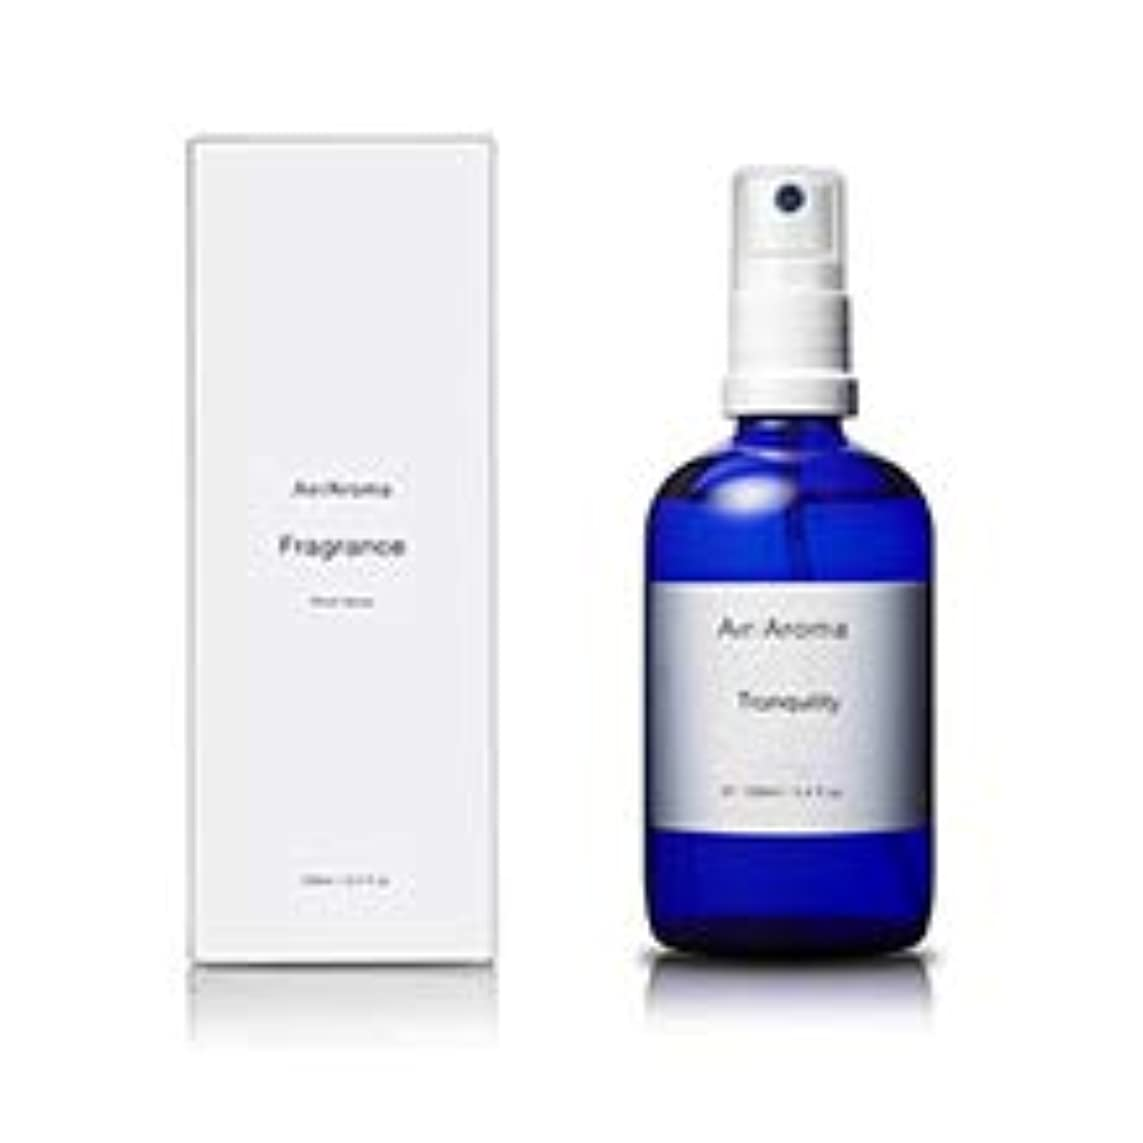 辛な会計士気怠いエアアロマ tranquility room fragrance (トランキリティー ルームフレグランス) 100ml